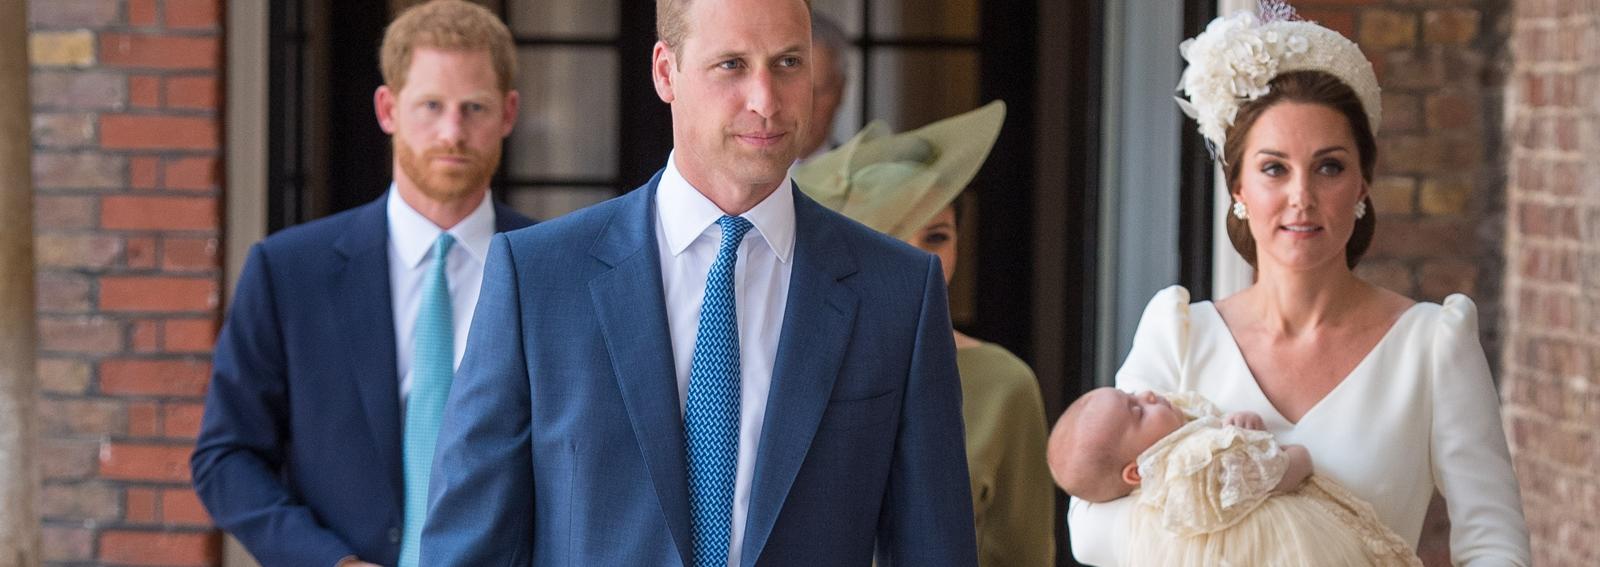 Le tradizioni (curiose) sul battesimo del principe Louis di Cambridge che riunirà la Royal Family pics